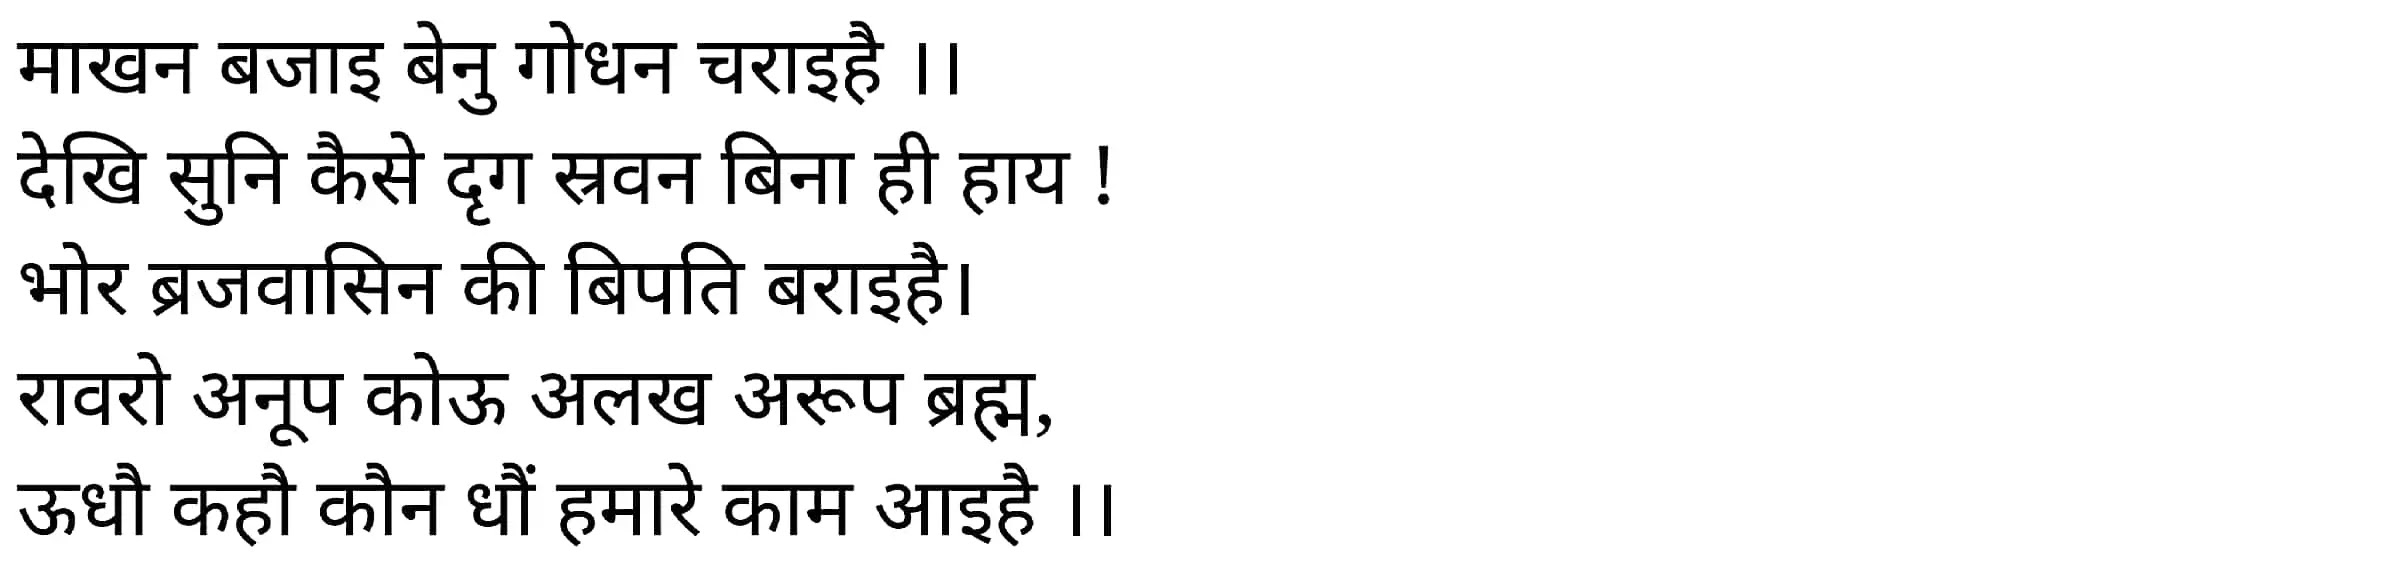 कक्षा 11 सामान्य हिंदी छन्द के नोट्स सामान्य हिंदी में एनसीईआरटी समाधान, class 11 samanya hindi chhand, class 11 samanya hindi chhand ncert solutions in samanya hindi, class 11 samanya hindi chhand notes in samanya hindi, class 11 samanya hindi chhand question answer, class 11 samanya hindi chhand notes, 11 class chhand chhand in samanya hindi, class 11 samanya hindi chhand in samanya hindi, class 11 samanya hindi chhand important questions in samanya hindi, class 11 samanya hindi chhand notes in samanya hindi, class 11 samanya hindi chhand test, class 11 samanya hindi chhand pdf, class 11 samanya hindi chhand notes pdf, class 11 samanya hindi chhand exercise solutions, class 11 samanya hindi chhand, class 11 samanya hindi chhand notes study rankers, class 11 samanya hindi chhand notes, class 11 samanya hindi chhand notes, chhand class 11 notes pdf, chhand class 11 notes ncert, chhand class 11 pdf, chhand book, chhand quiz class 11 , 11 th chhand book up board, up board 11 th chhand notes, कक्षा 11 सामान्य हिंदी छन्द , कक्षा 11 सामान्य हिंदी का खण्डकाव्य, कक्षा 11 सामान्य हिंदी के छन्द के नोट्स सामान्य हिंदी में, कक्षा 11 का सामान्य हिंदीछन्द का प्रश्न उत्तर, कक्षा 11 सामान्य हिंदी छन्द के नोट्स, 11 कक्षा सामान्य हिंदी छन्द सामान्य हिंदी में,कक्षा 11 सामान्य हिंदी छन्द सामान्य हिंदी में, कक्षा 11 सामान्य हिंदी छन्द महत्वपूर्ण प्रश्न सामान्य हिंदी में,कक्षा 11 के सामान्य हिंदी के नोट्स सामान्य हिंदी में,सामान्य हिंदी कक्षा 11 नोट्स pdf, सामान्य हिंदी कक्षा 11 नोट्स 2021 ncert, सामान्य हिंदी कक्षा 11 pdf, सामान्य हिंदी पुस्तक, सामान्य हिंदी की बुक, सामान्य हिंदी प्रश्नोत्तरी class 11 , 11 वीं सामान्य हिंदी पुस्तक up board, बिहार बोर्ड 11 पुस्तक वीं सामान्य हिंदी नोट्स, 11th samanya hindi kaavya saundary ke tattv book in hindi,11th samanya hindi kaavya saundary ke tattv notes in hindi,cbse books for class 11 ,cbse books in hindi,cbse ncert books,class 11 samanya hindi kaavya saundary ke tattv notes in hindi,class 11 samanya hindi ncert solutions,samanya hindi kaavya sa